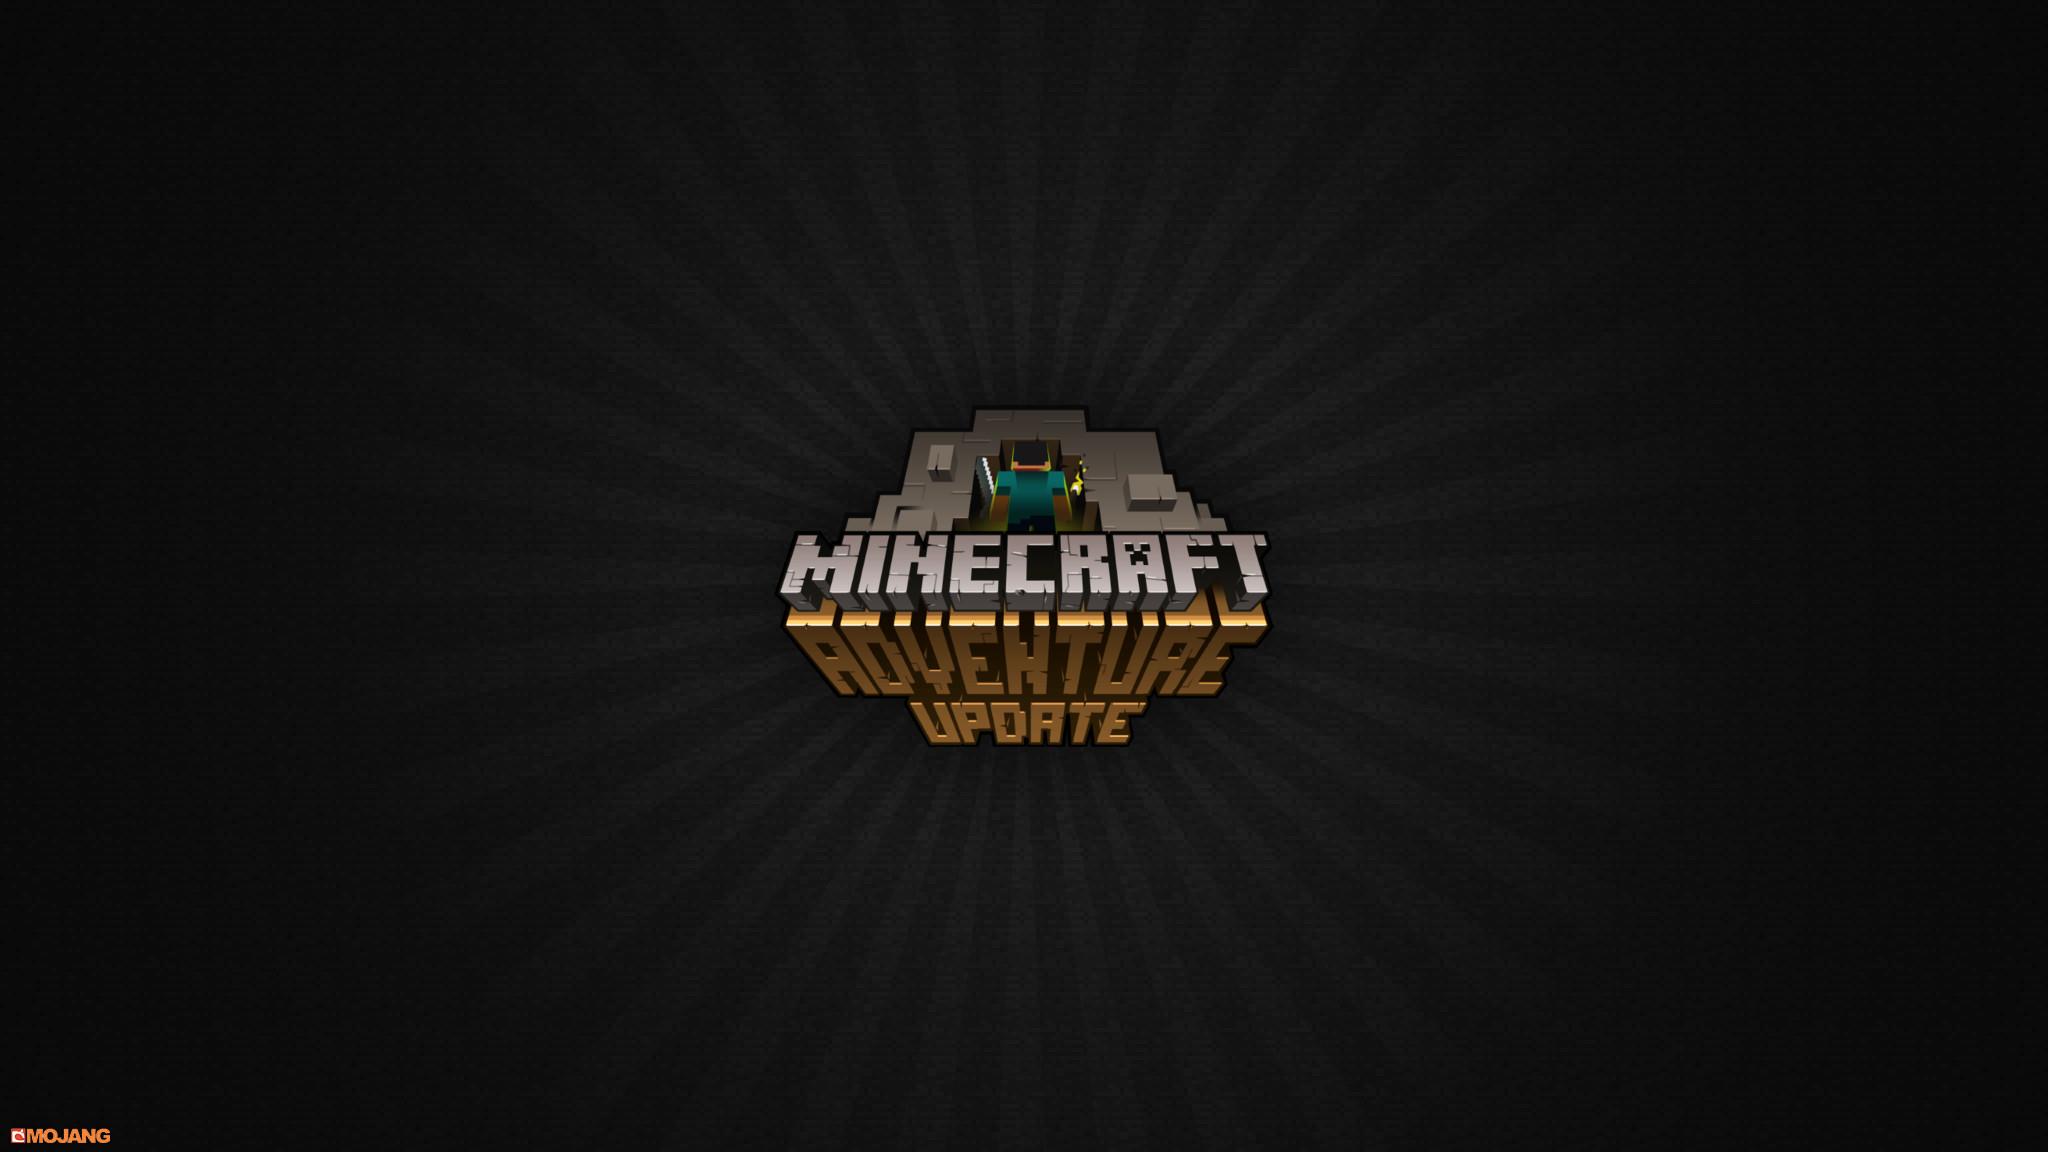 Minecraft 1.8 / Adventure Update Wallpaper [2048×1152] …